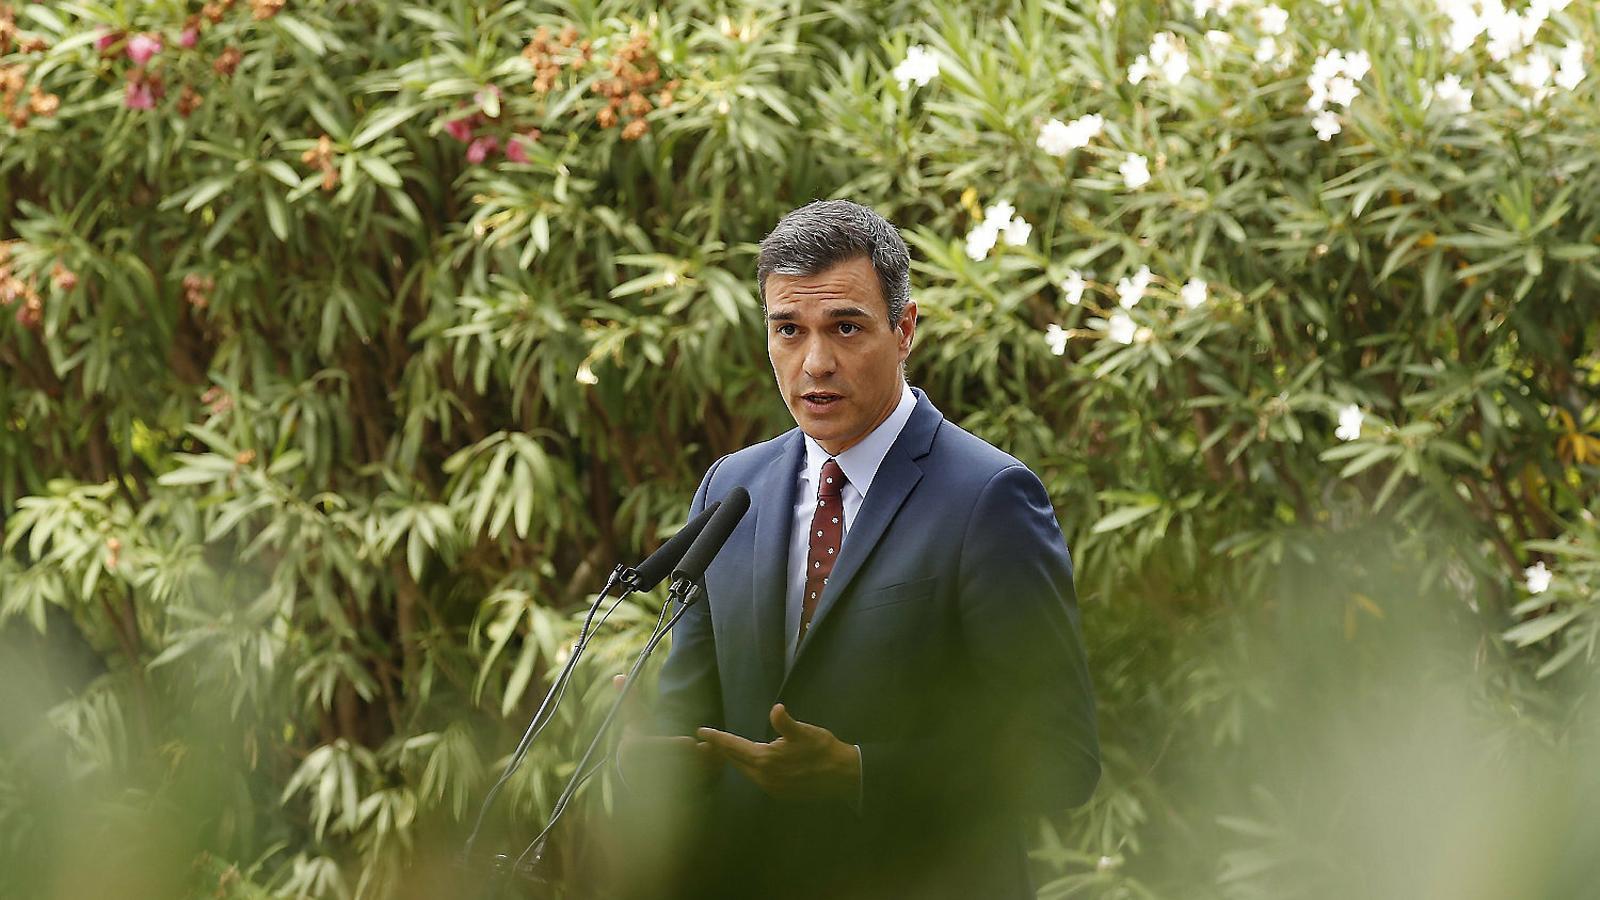 El president del govern espanyol en funcions, Pedro Sánchez, el 7 d'agost.